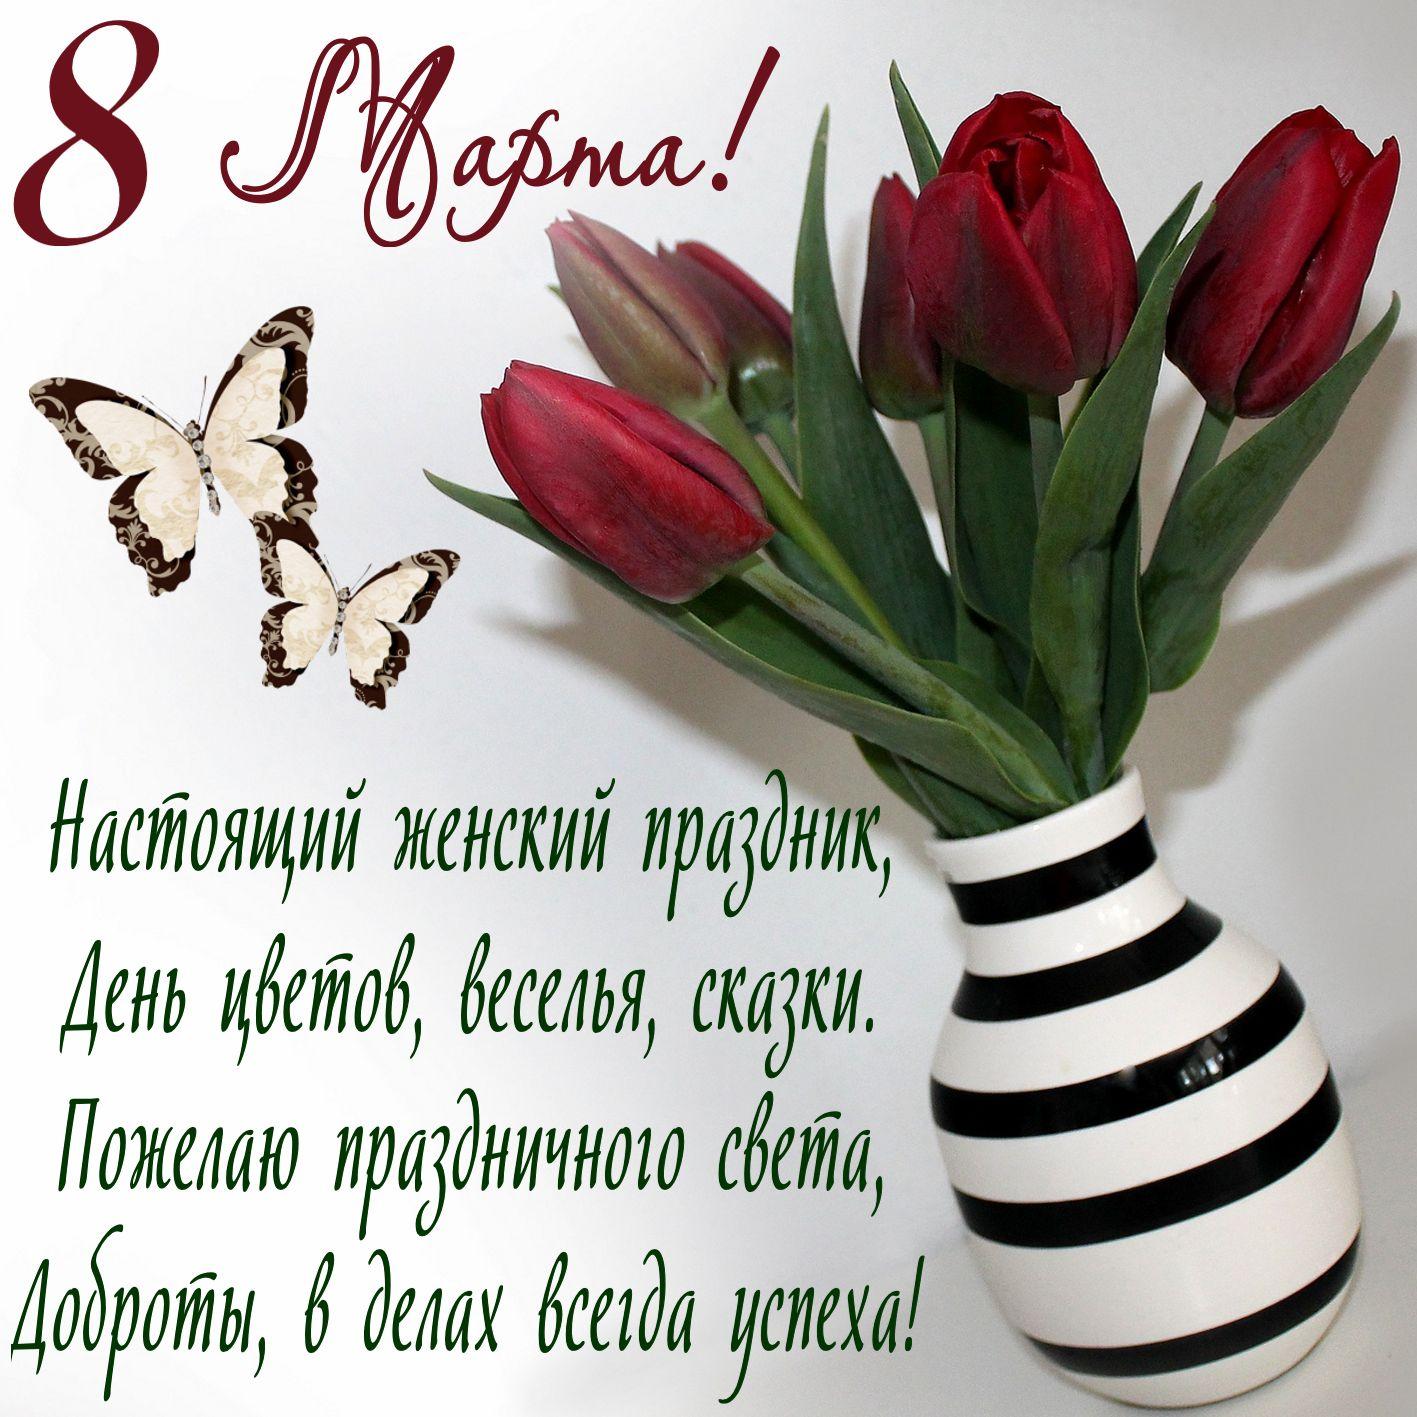 Открытка с 8 марта - букет тюльпанов в вазе и пожелание